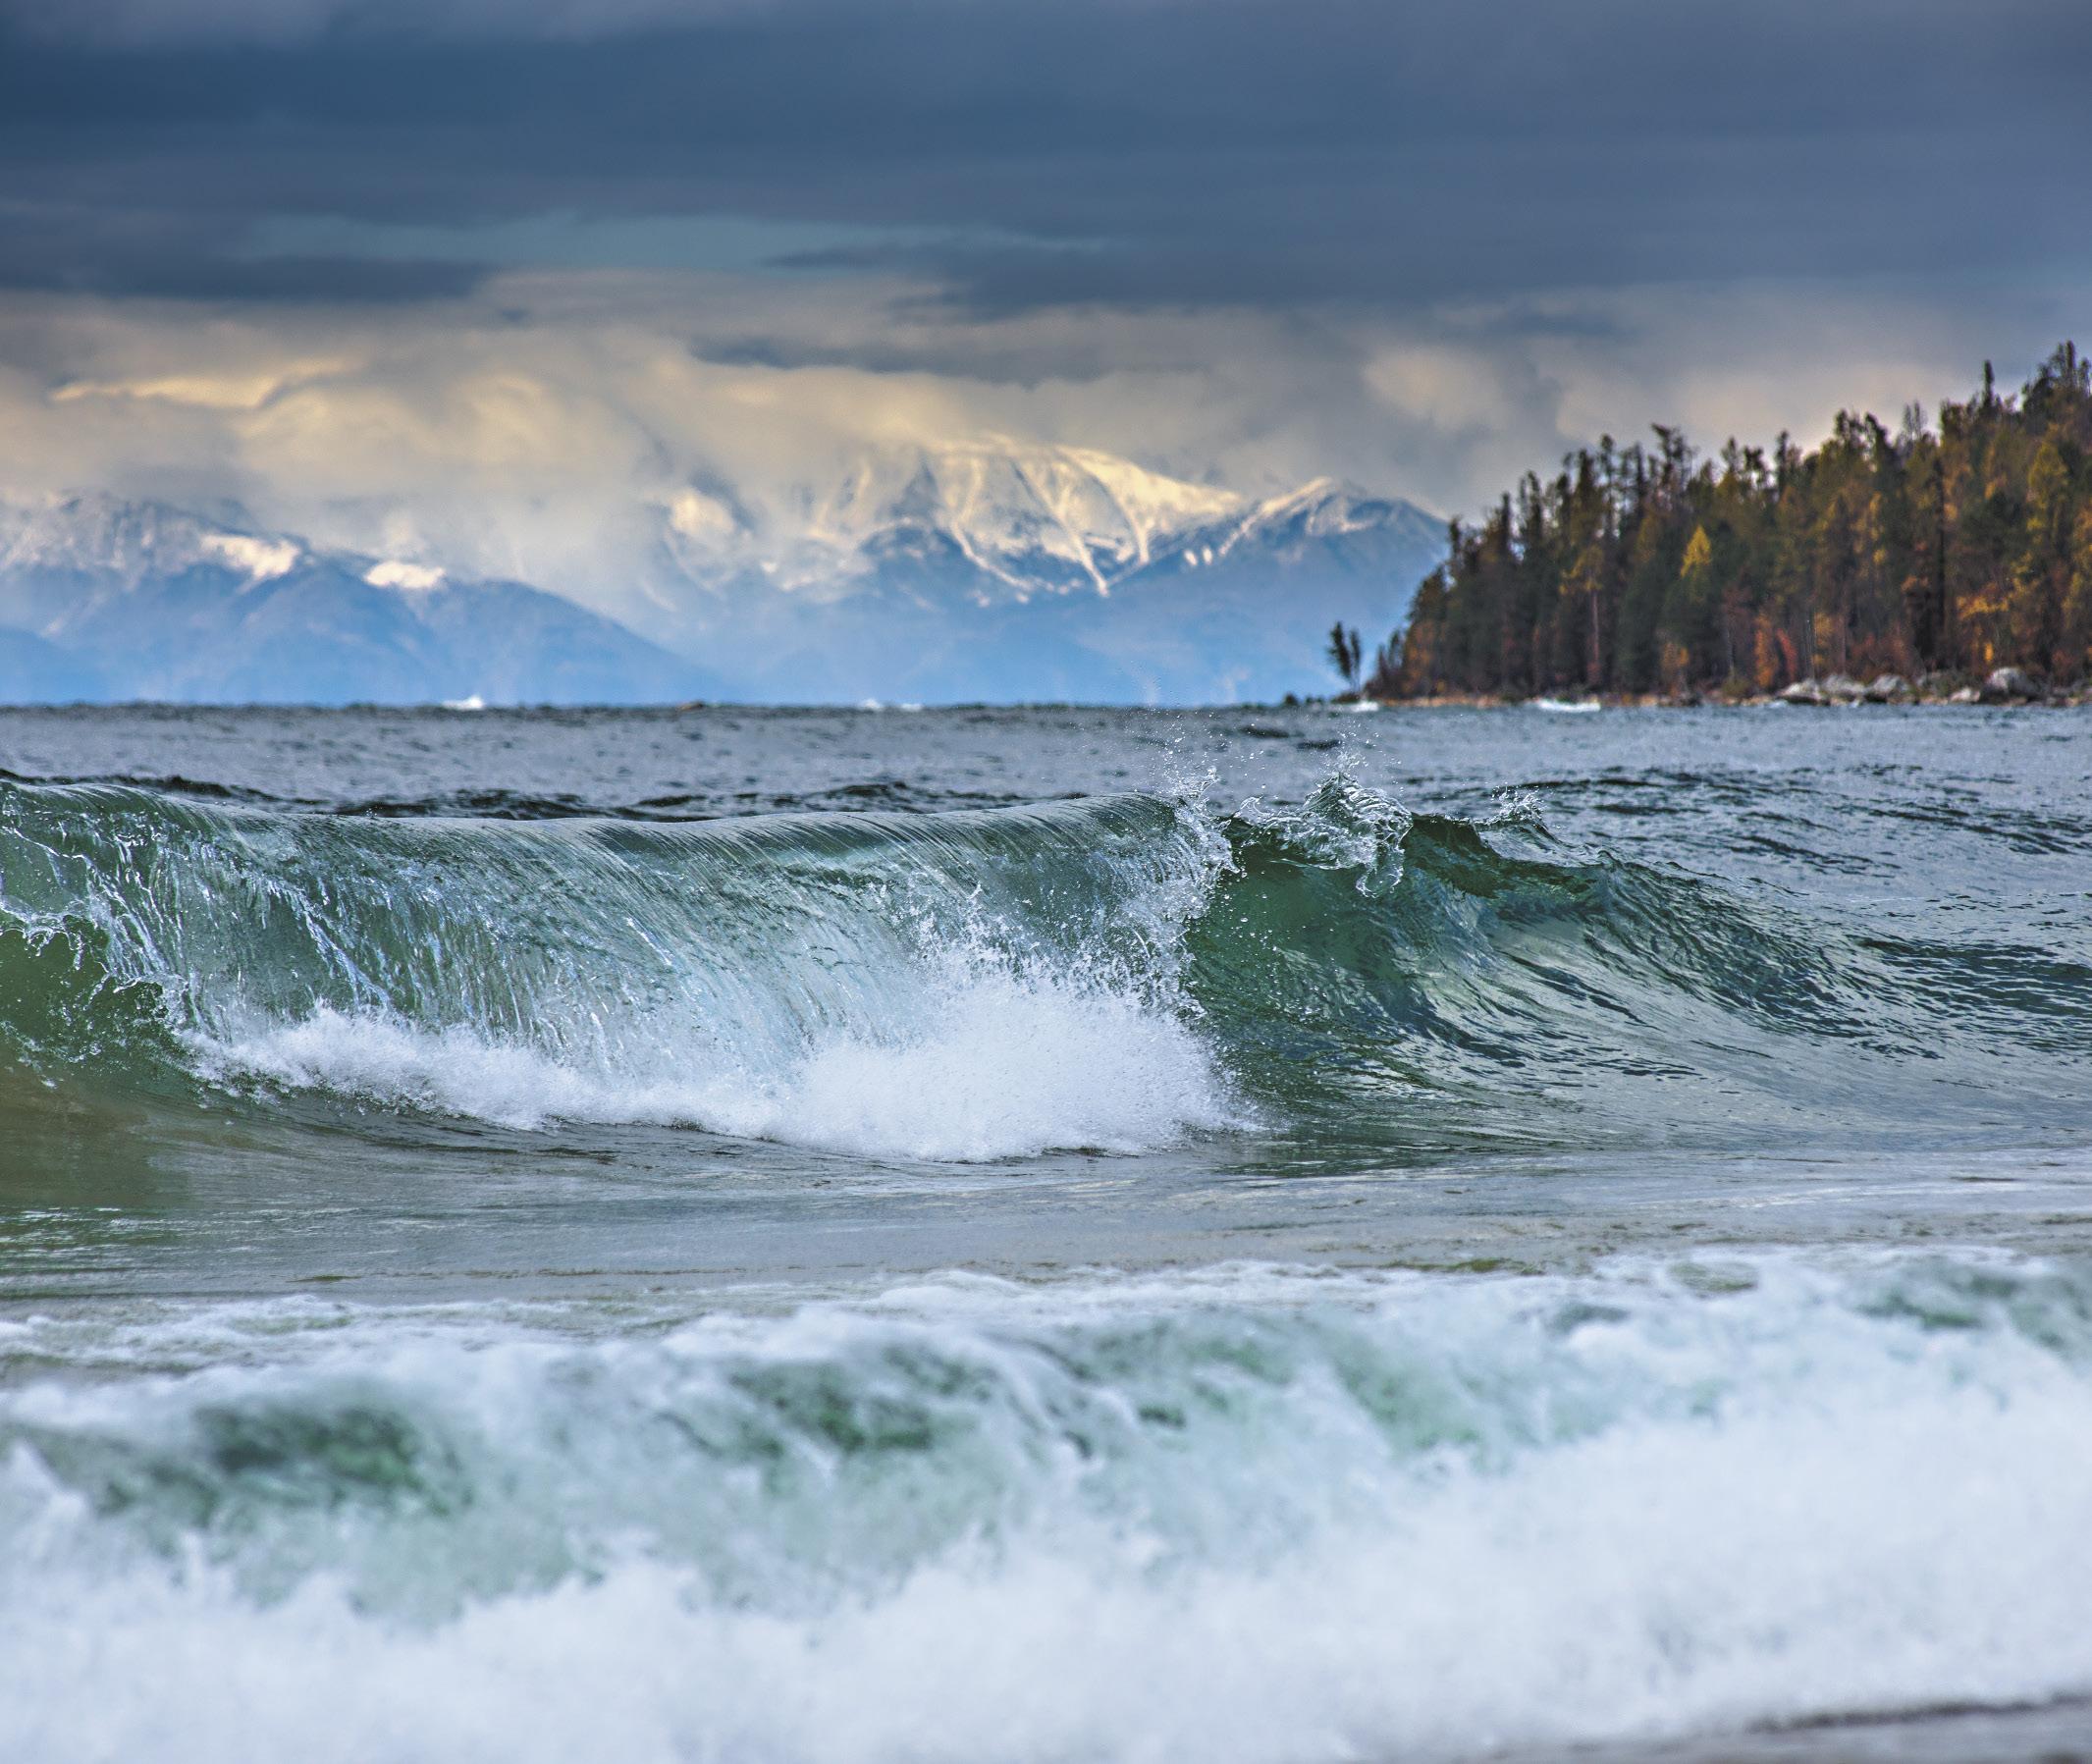 В бухте Давше на севере Байкала в октябре часто бывают настоящие штормы.